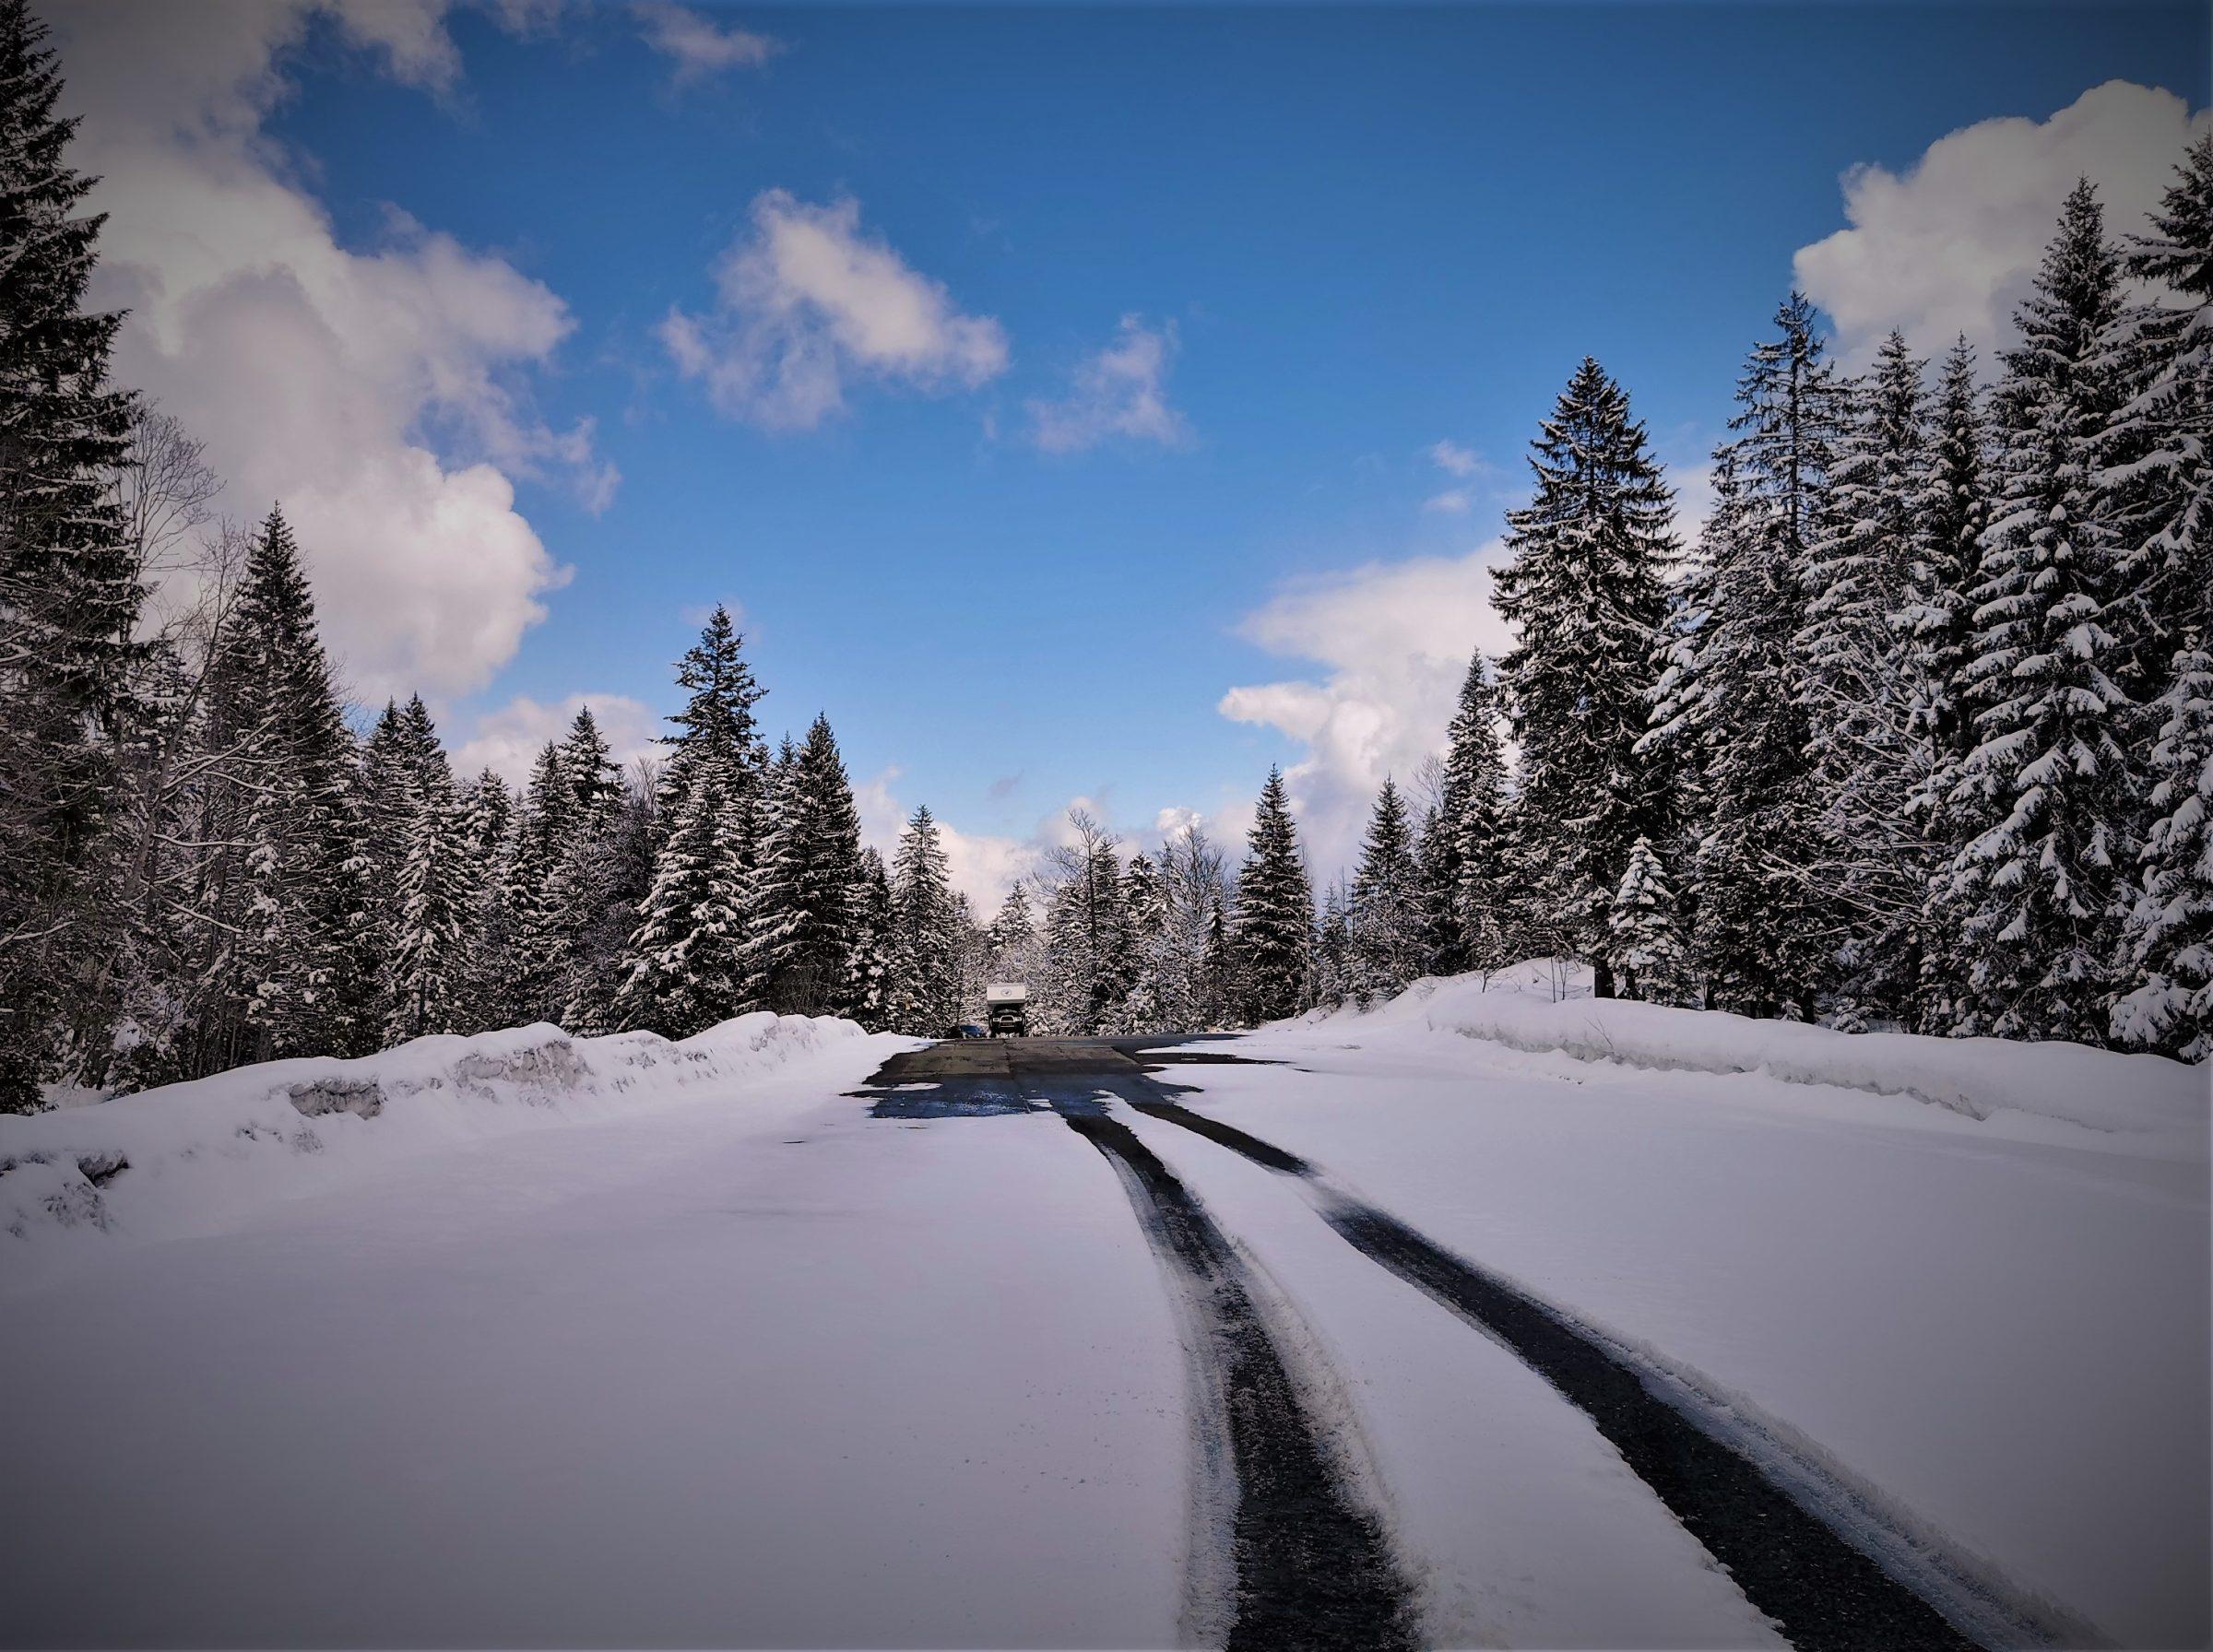 Soms zijn wegen nog besneeuwd in Zwitserland, ook in de lente en herfst